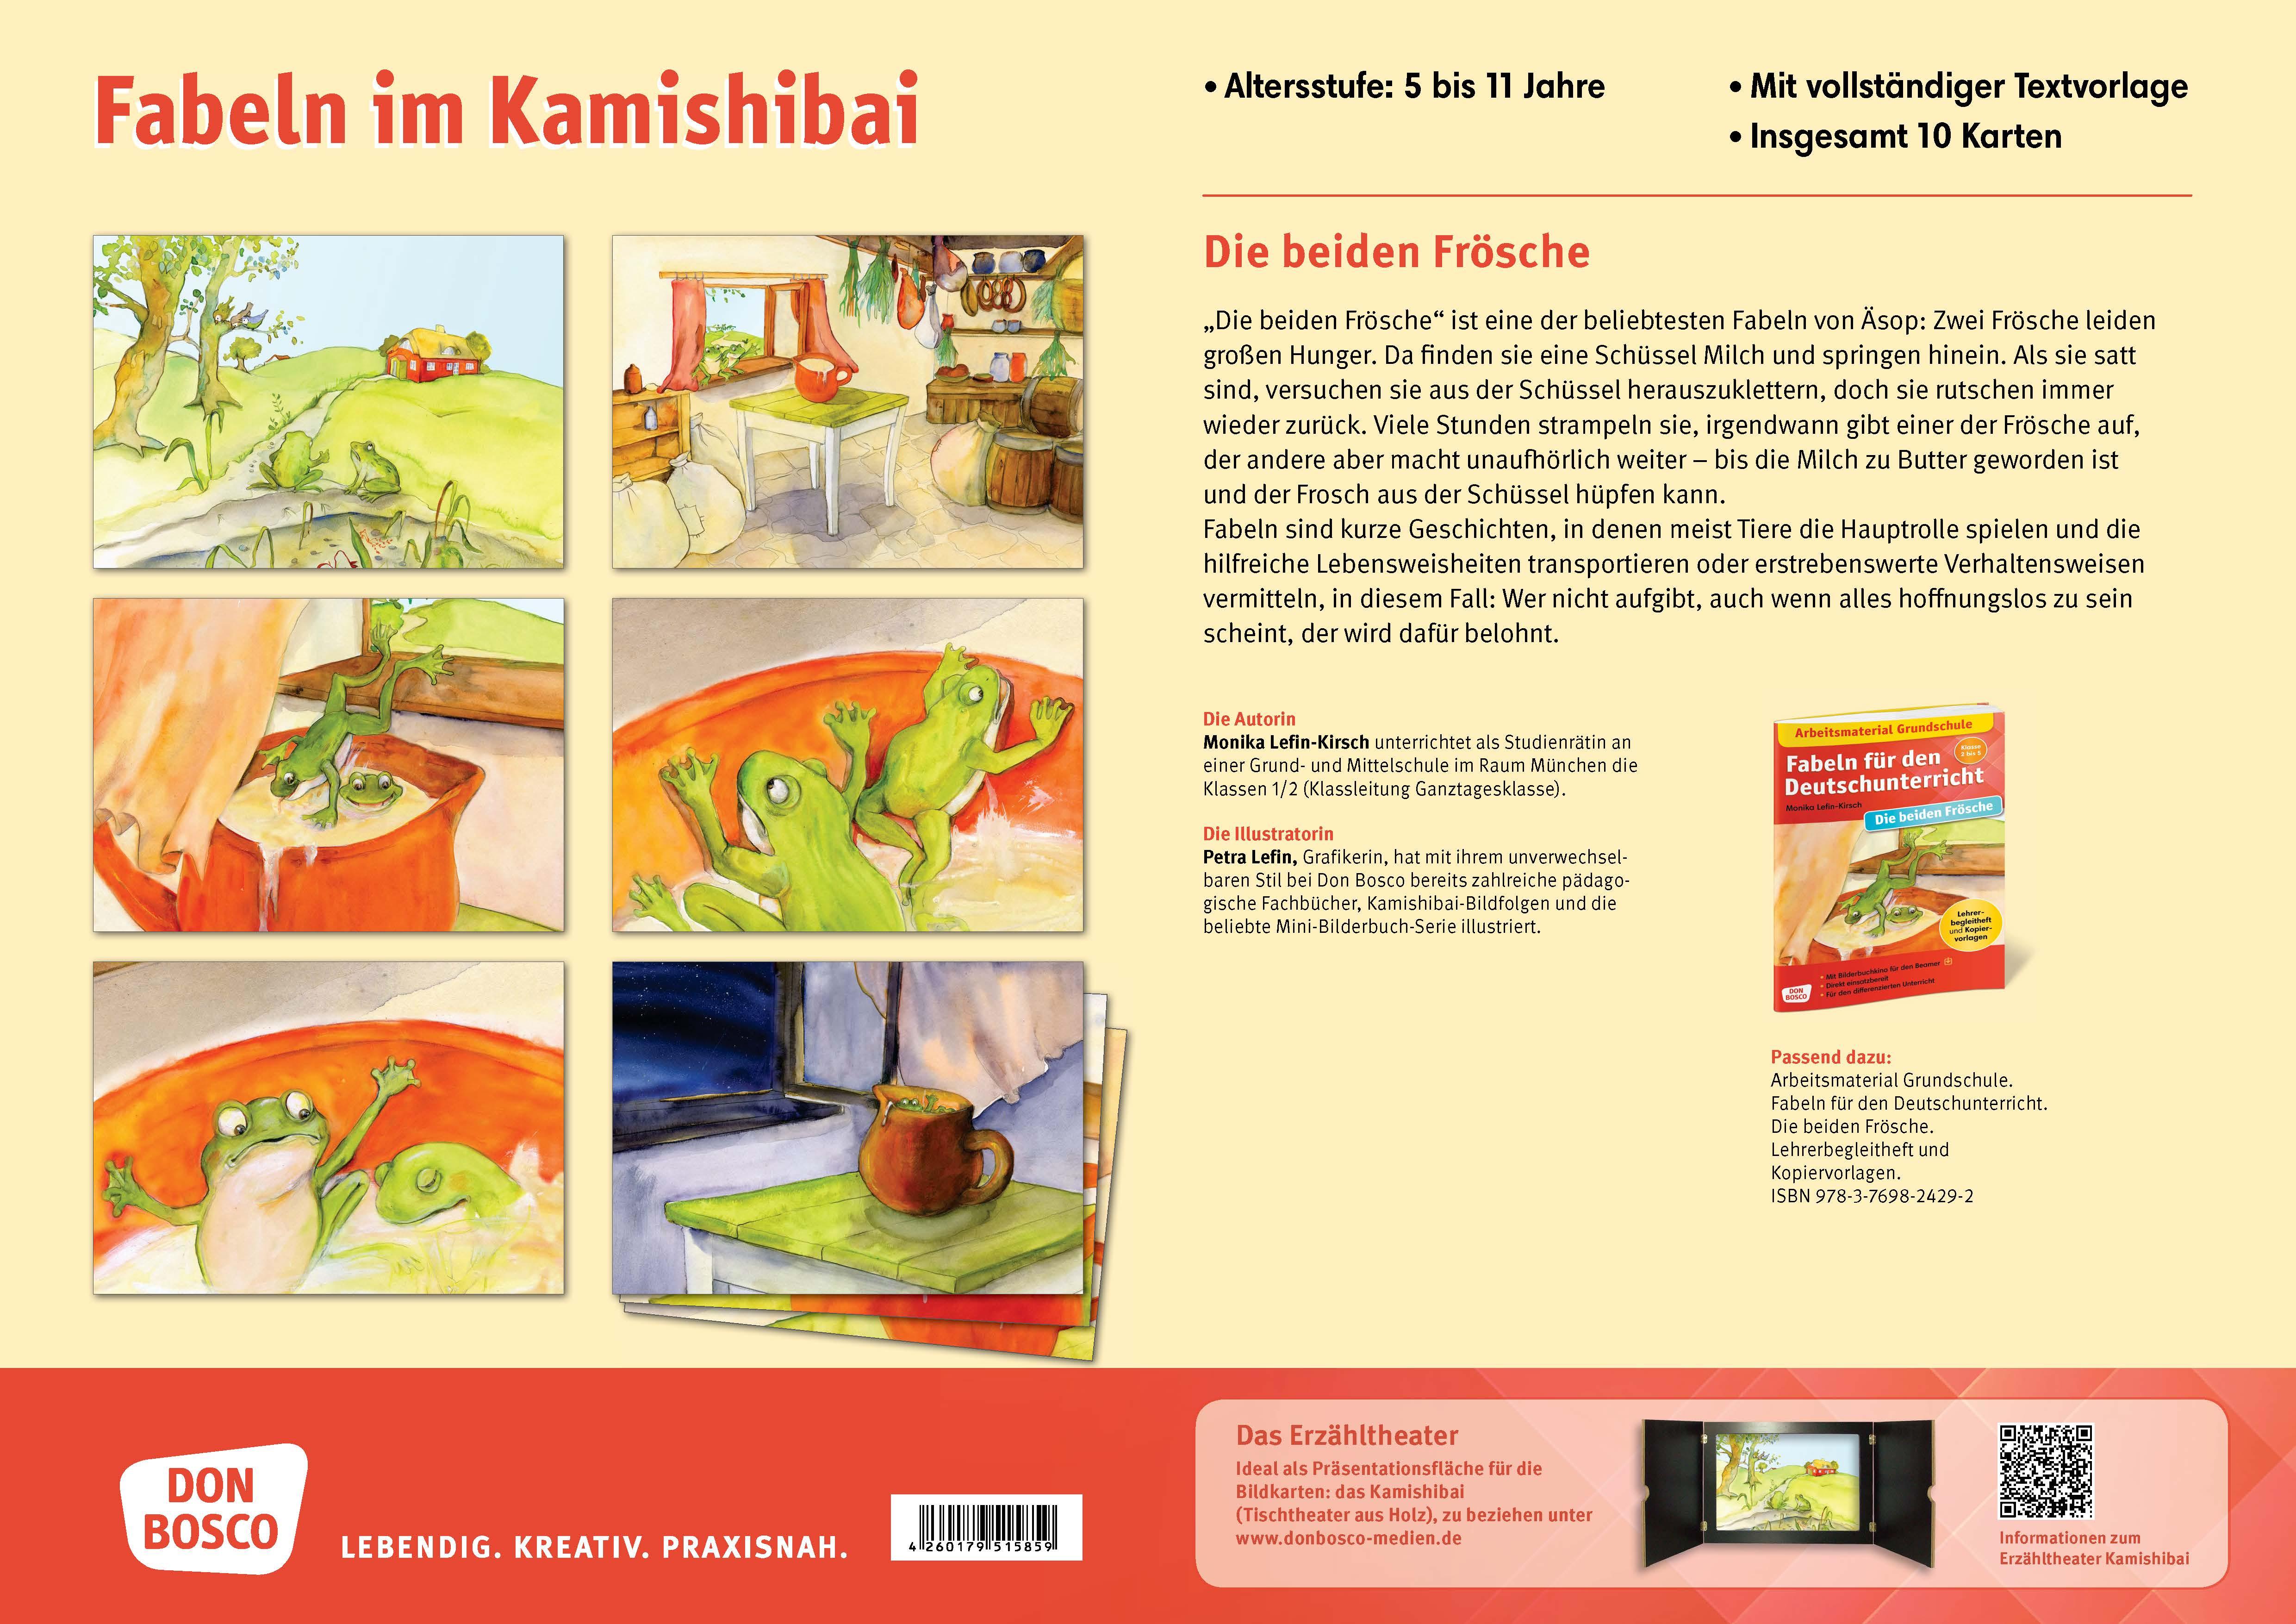 Innenansicht zu Die beiden Frösche. Eine Fabel von Äsop. Kamishibai Bildkartenset.